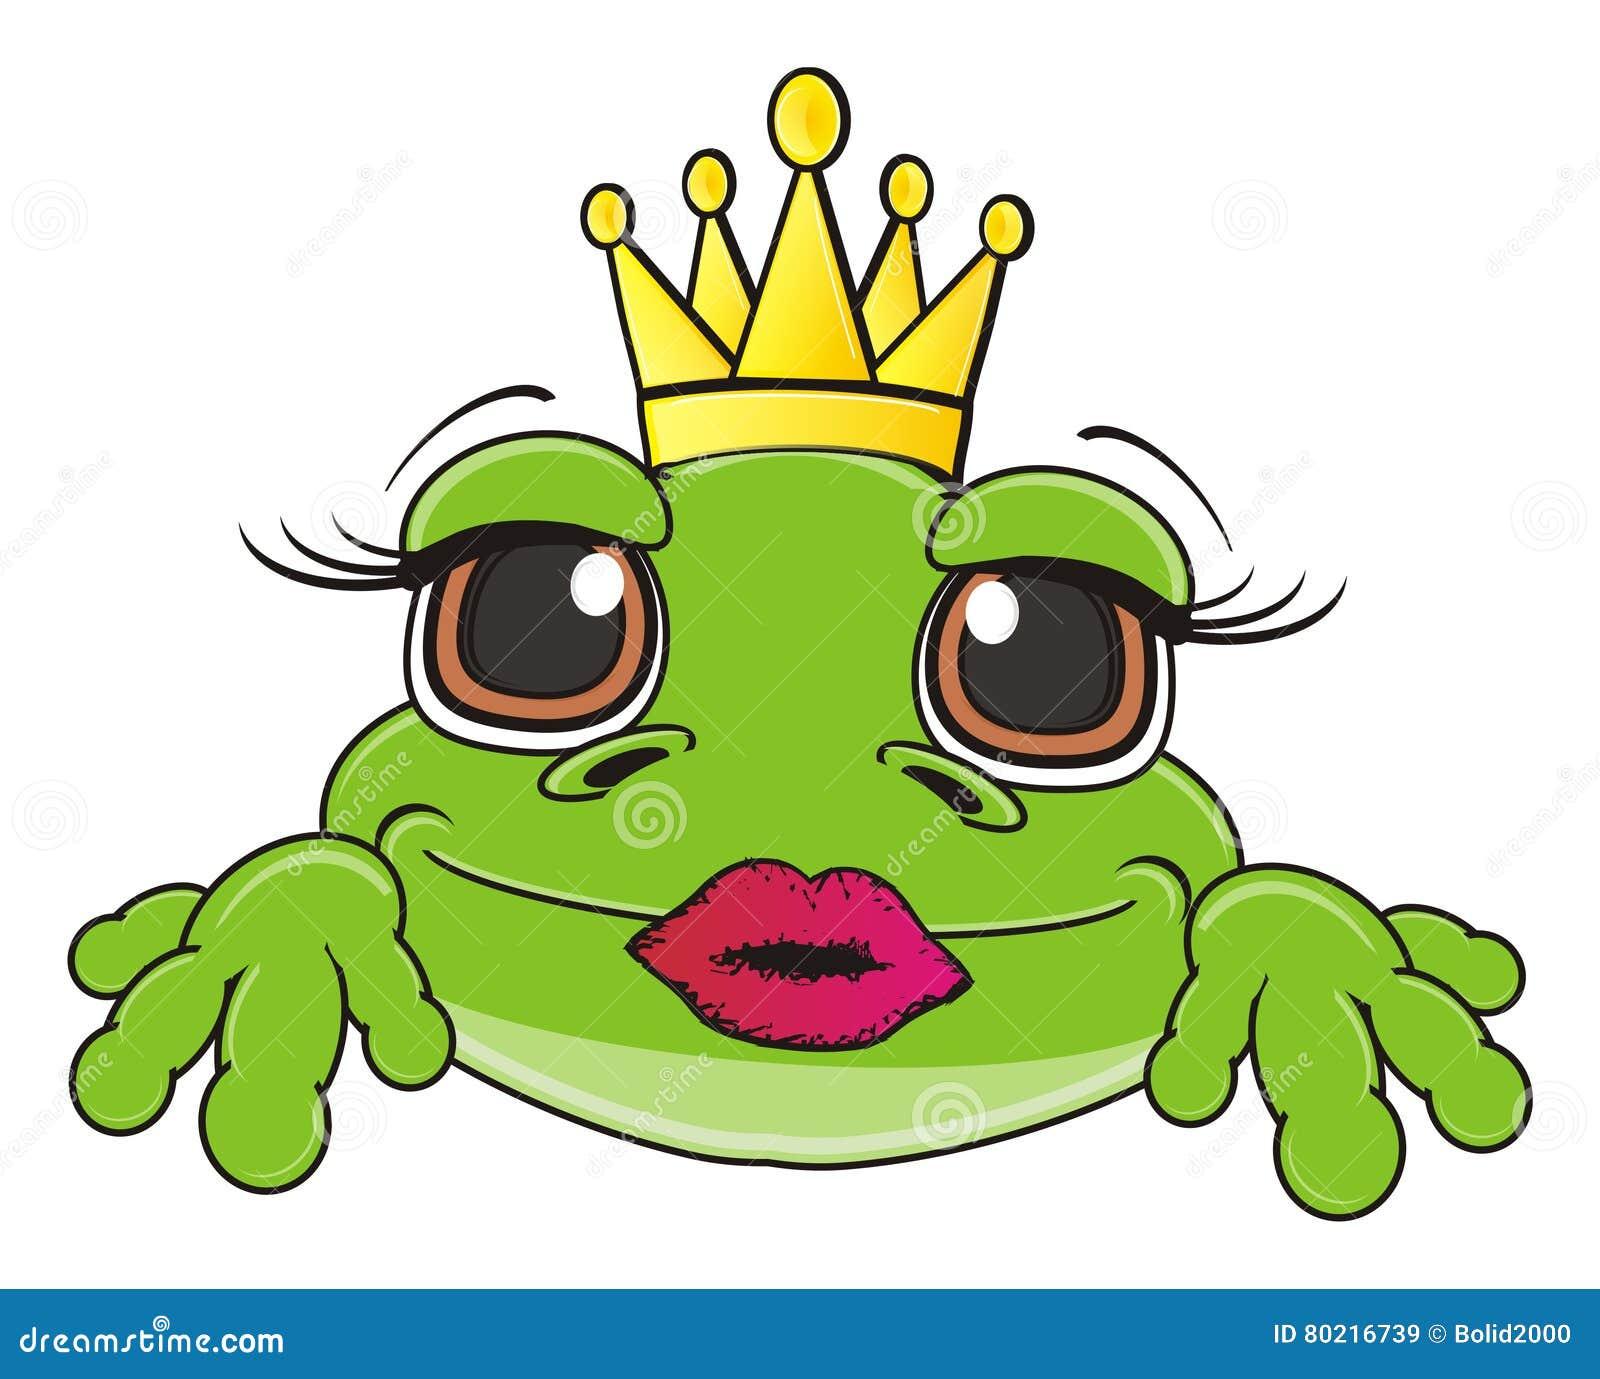 green frog girl nude